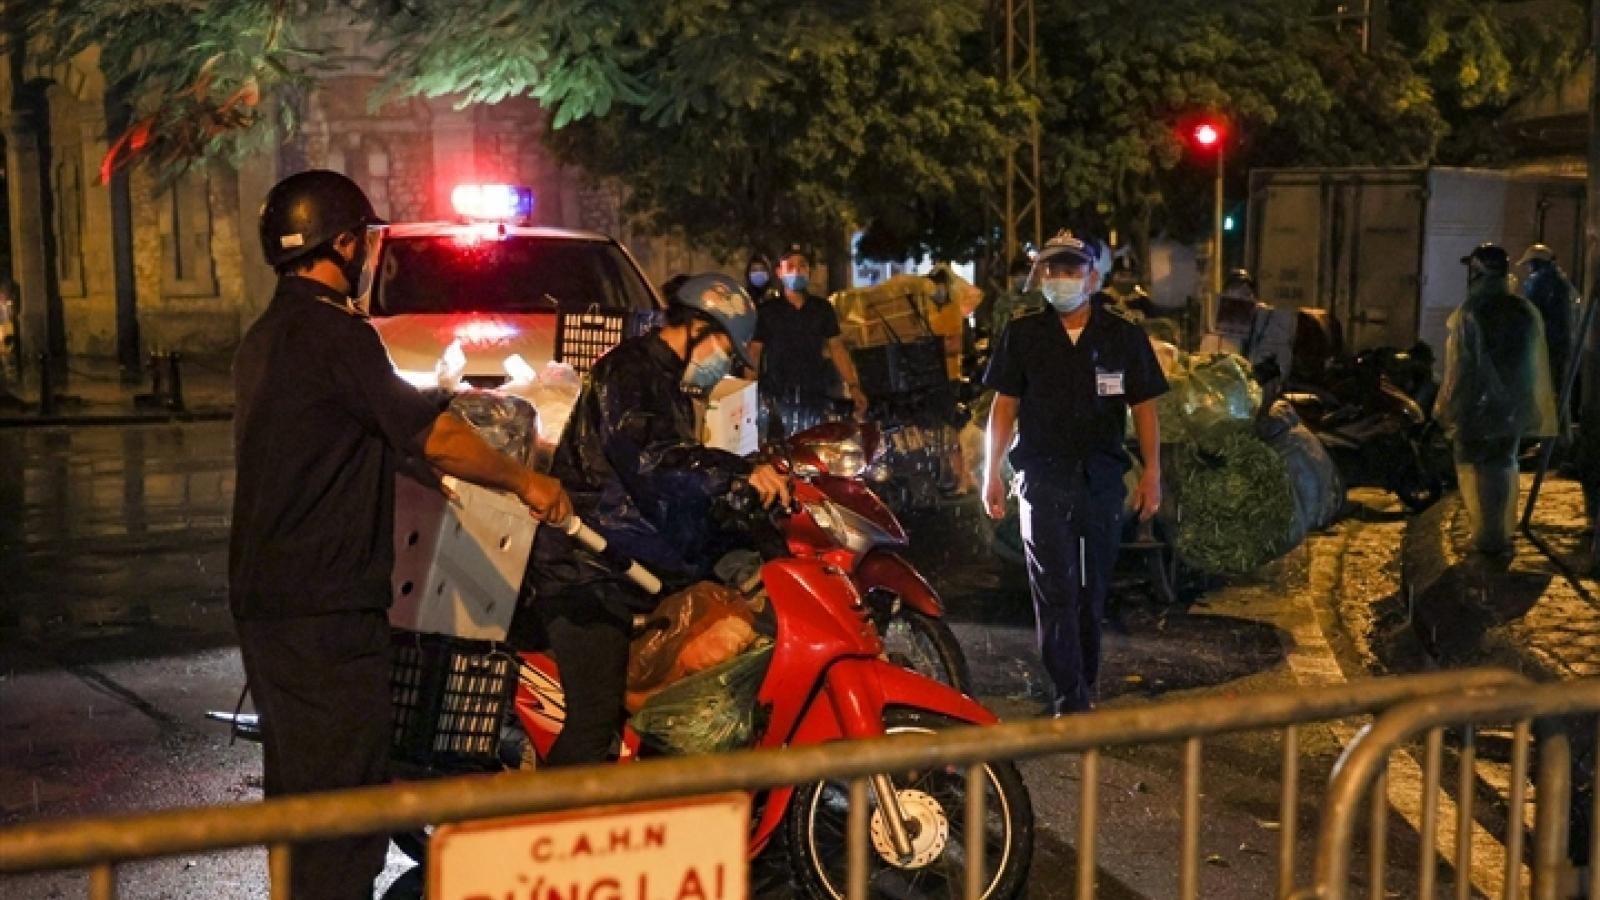 Hà Nội: Trắng đêm dẹp chợ nông sản trái phép cạnh Bốt Hàng Đậu